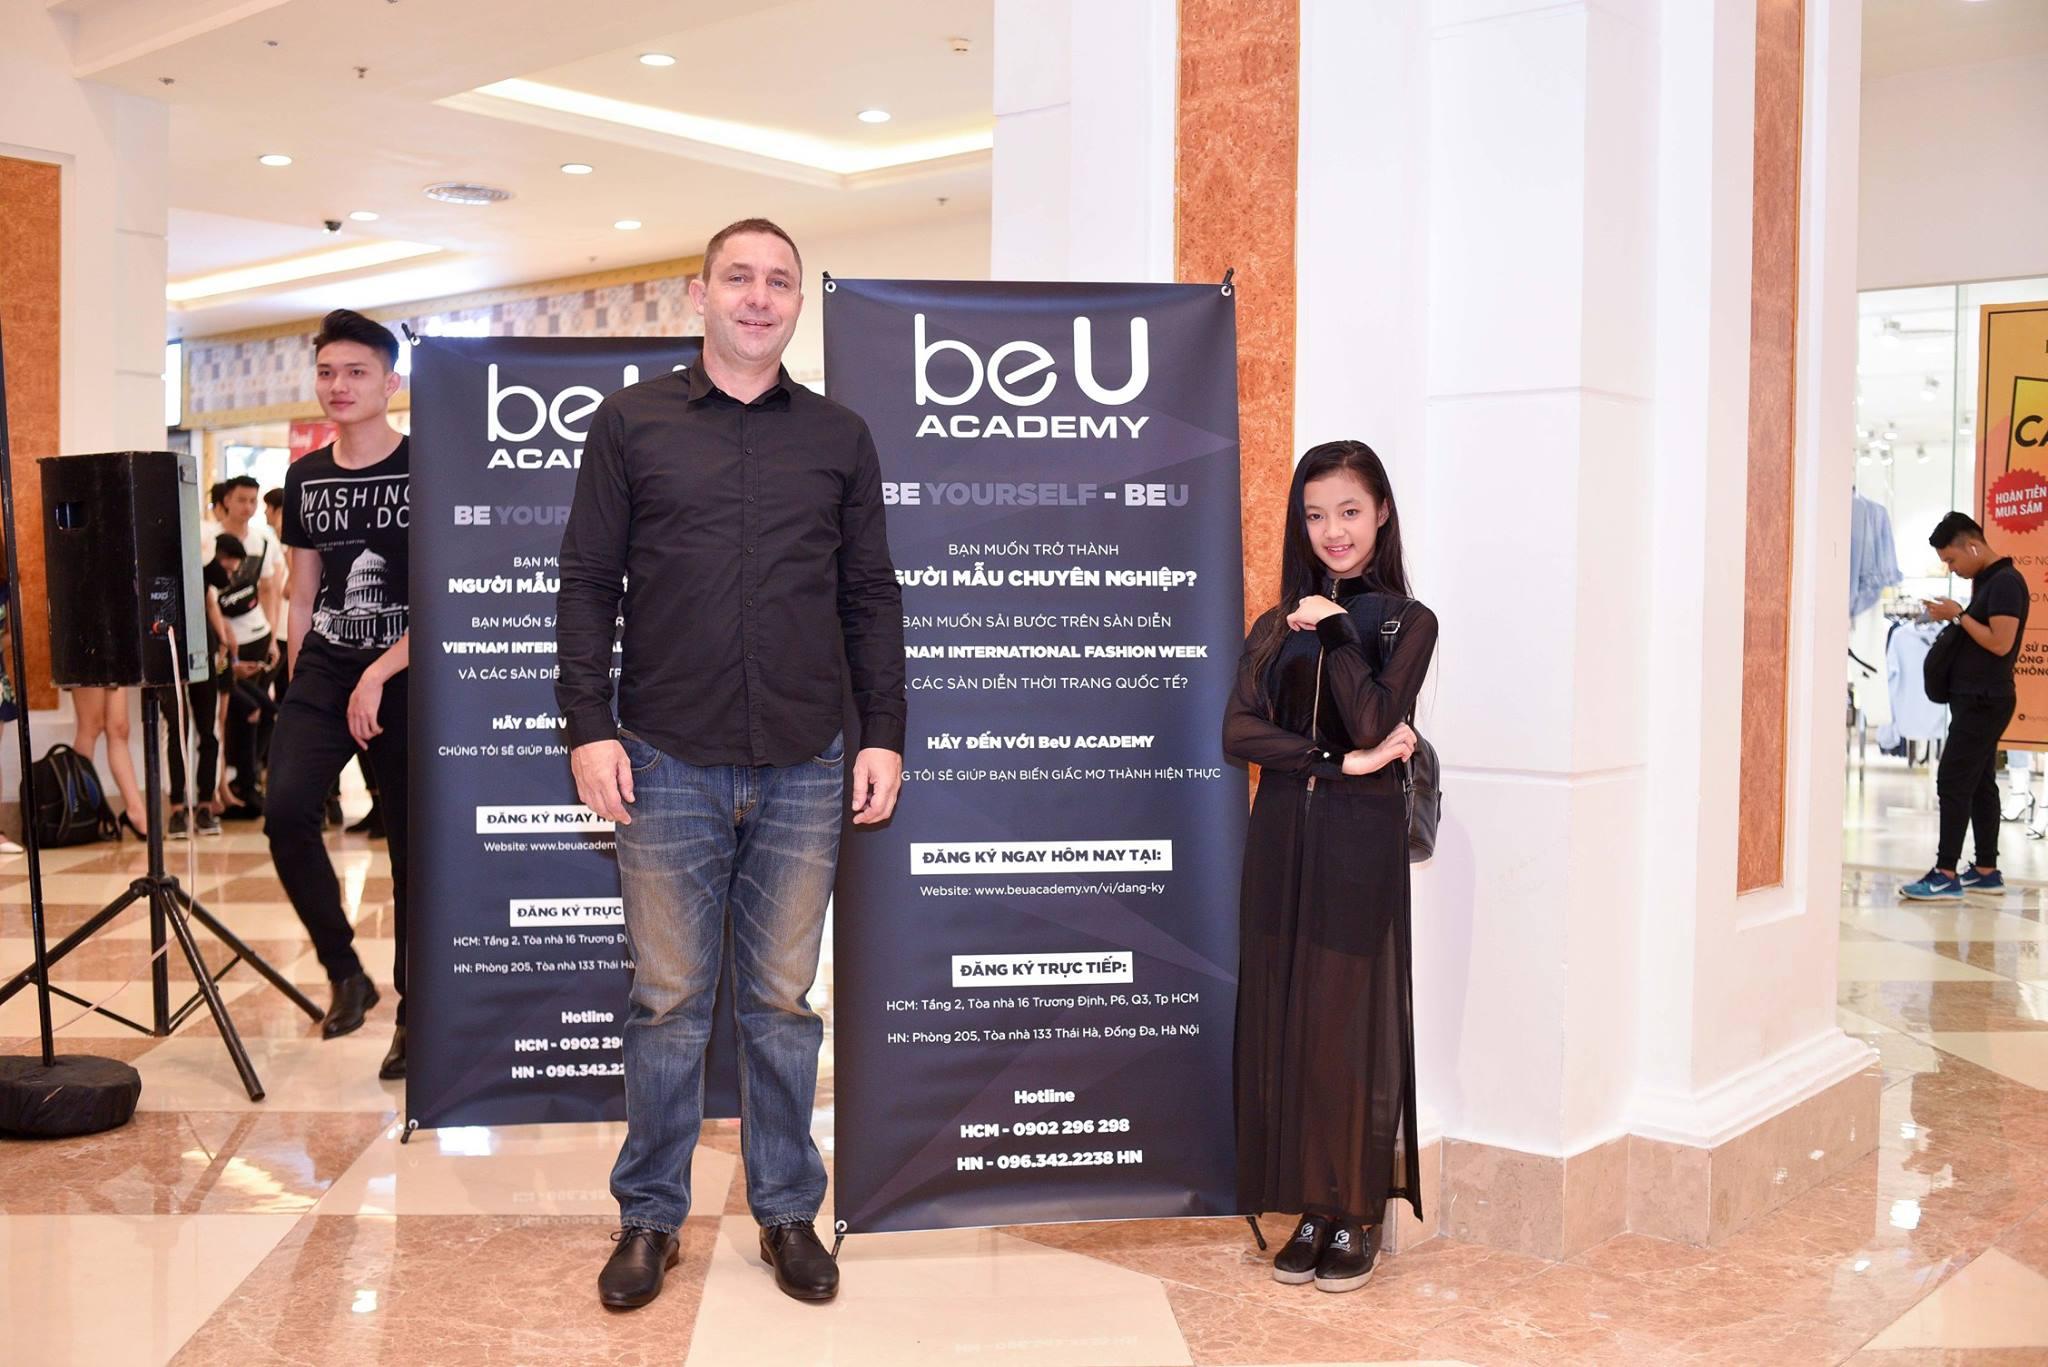 Mới 10 tuổi, cô bé này đã đăng ký casting Vietnam International Fashion Week và nổi bật lấn lướt người lớn với thần thái sắc lạnh - Ảnh 4.